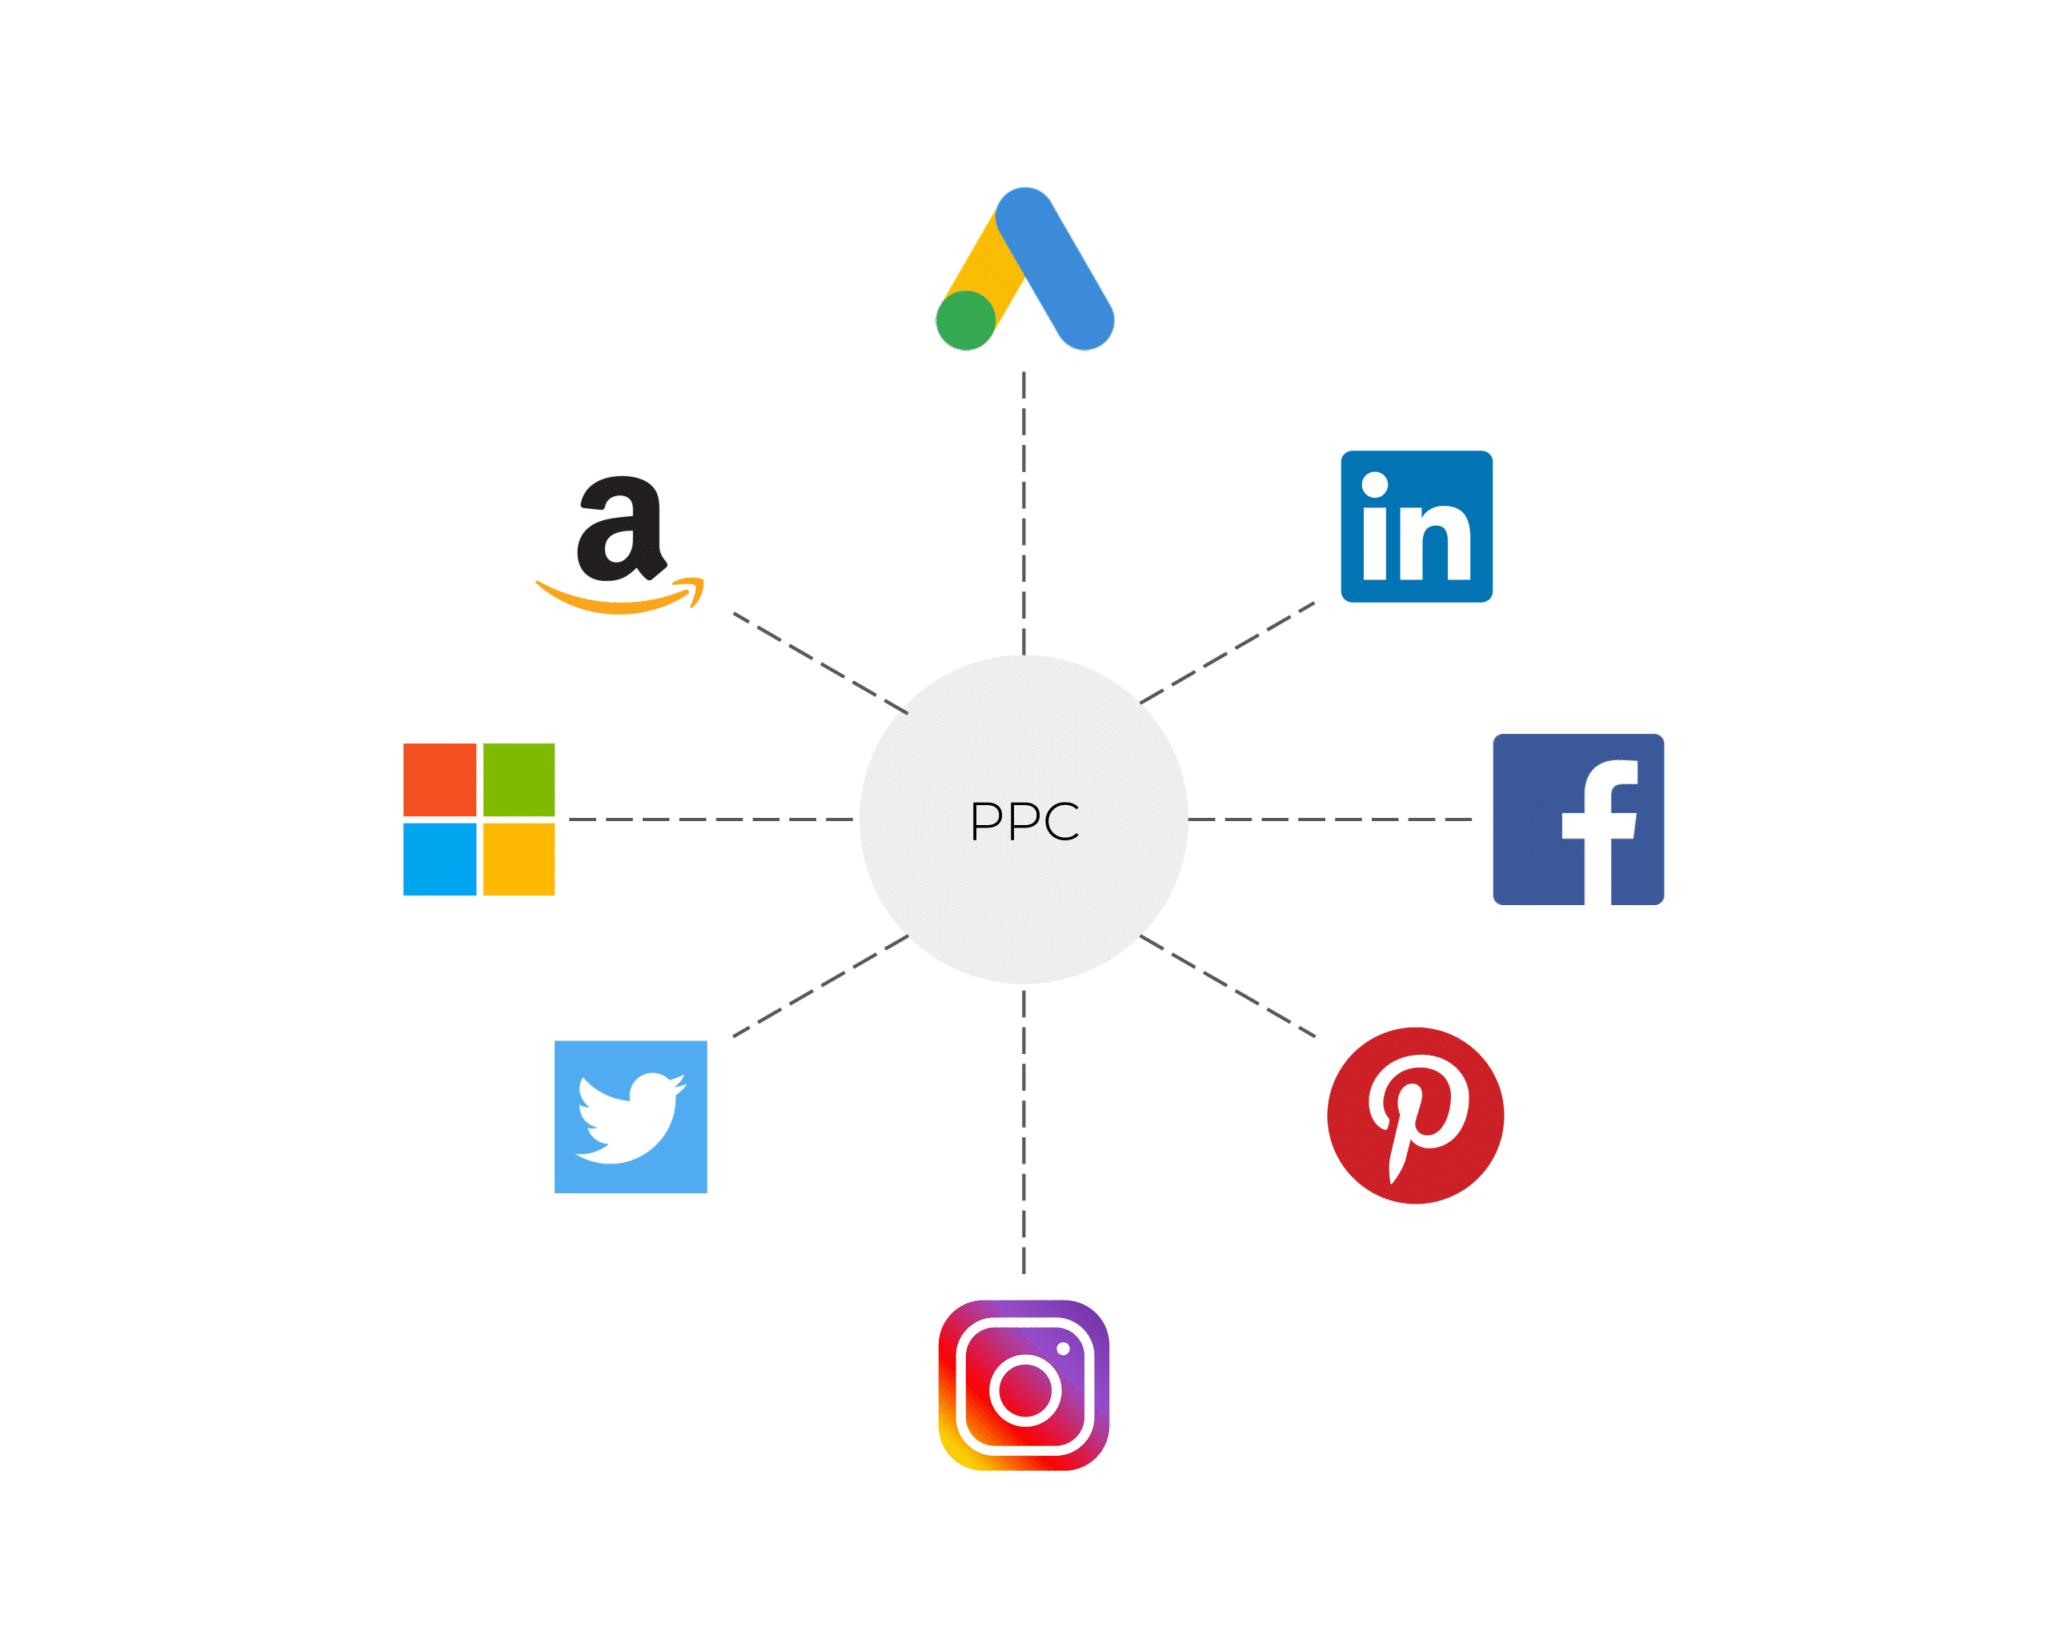 Popular PPC Advertising Platforms